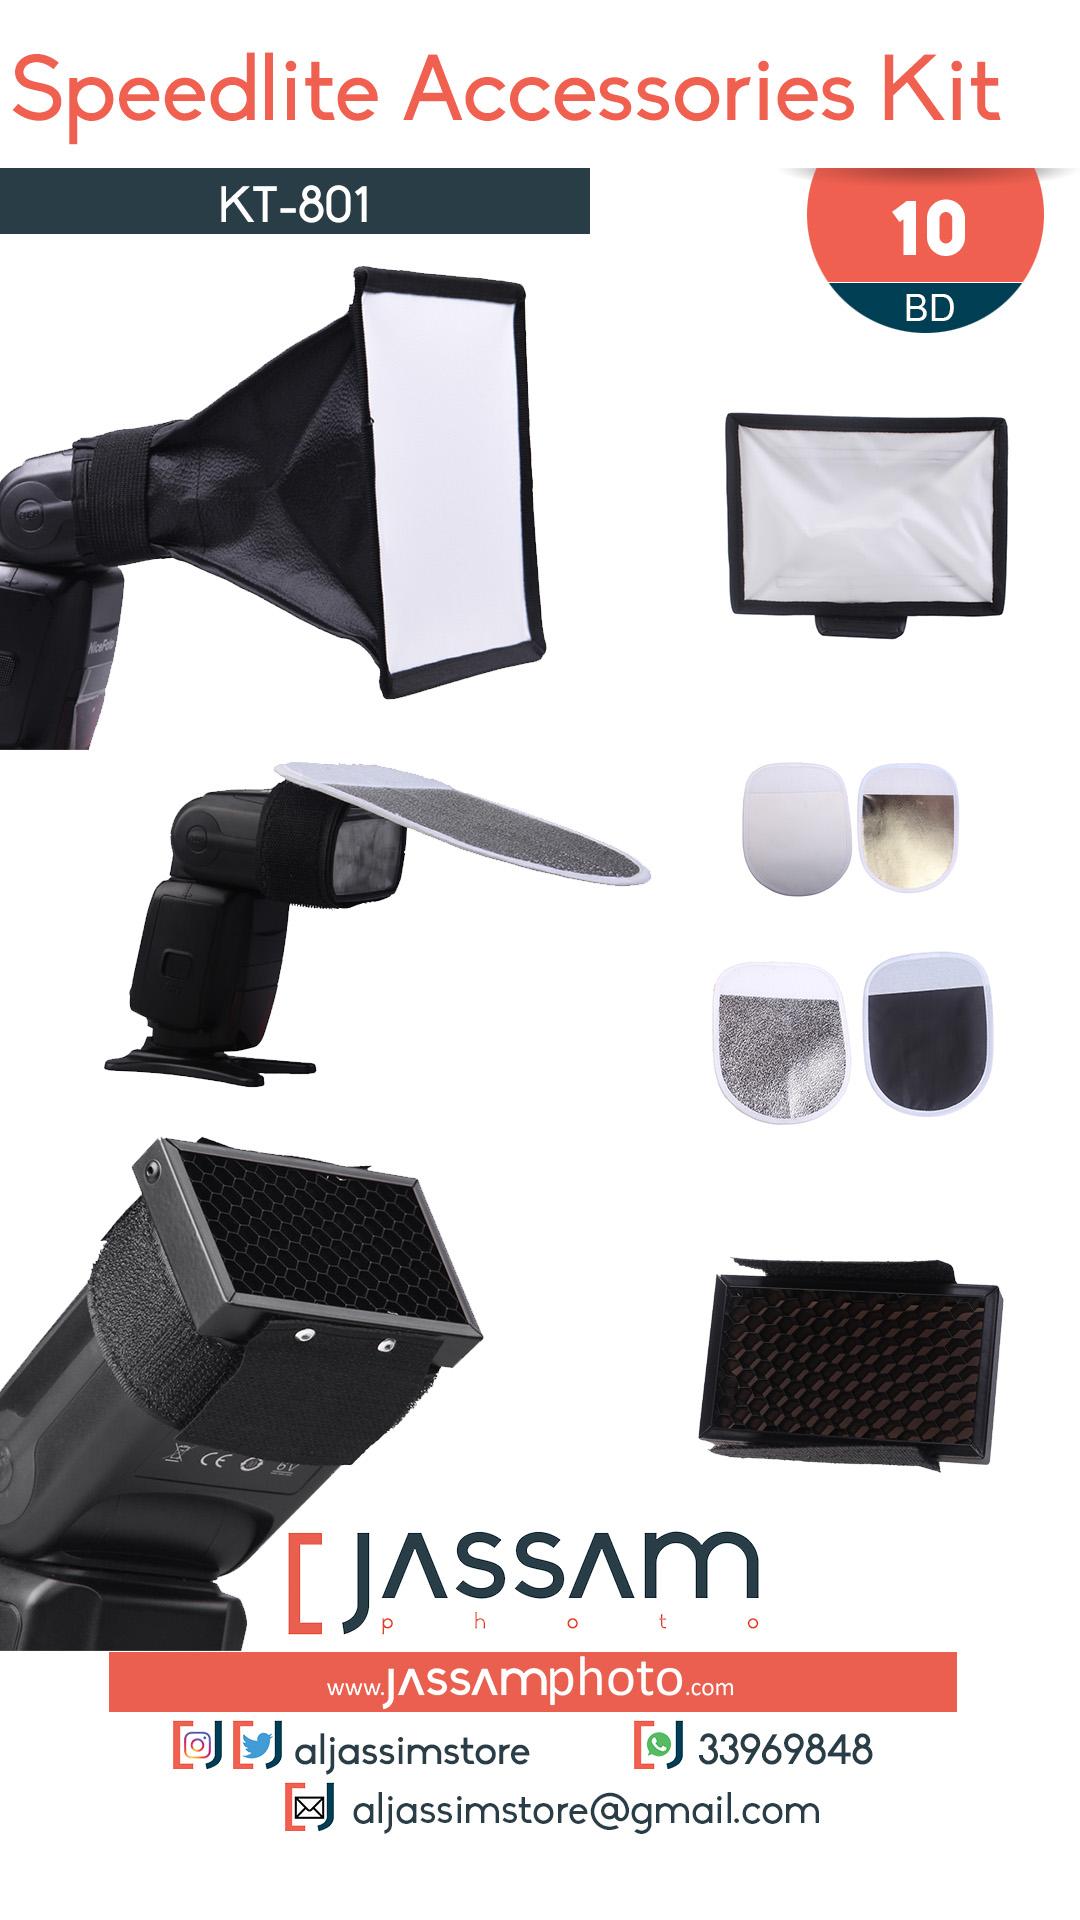 Speedlite Accessories Kit KT-801